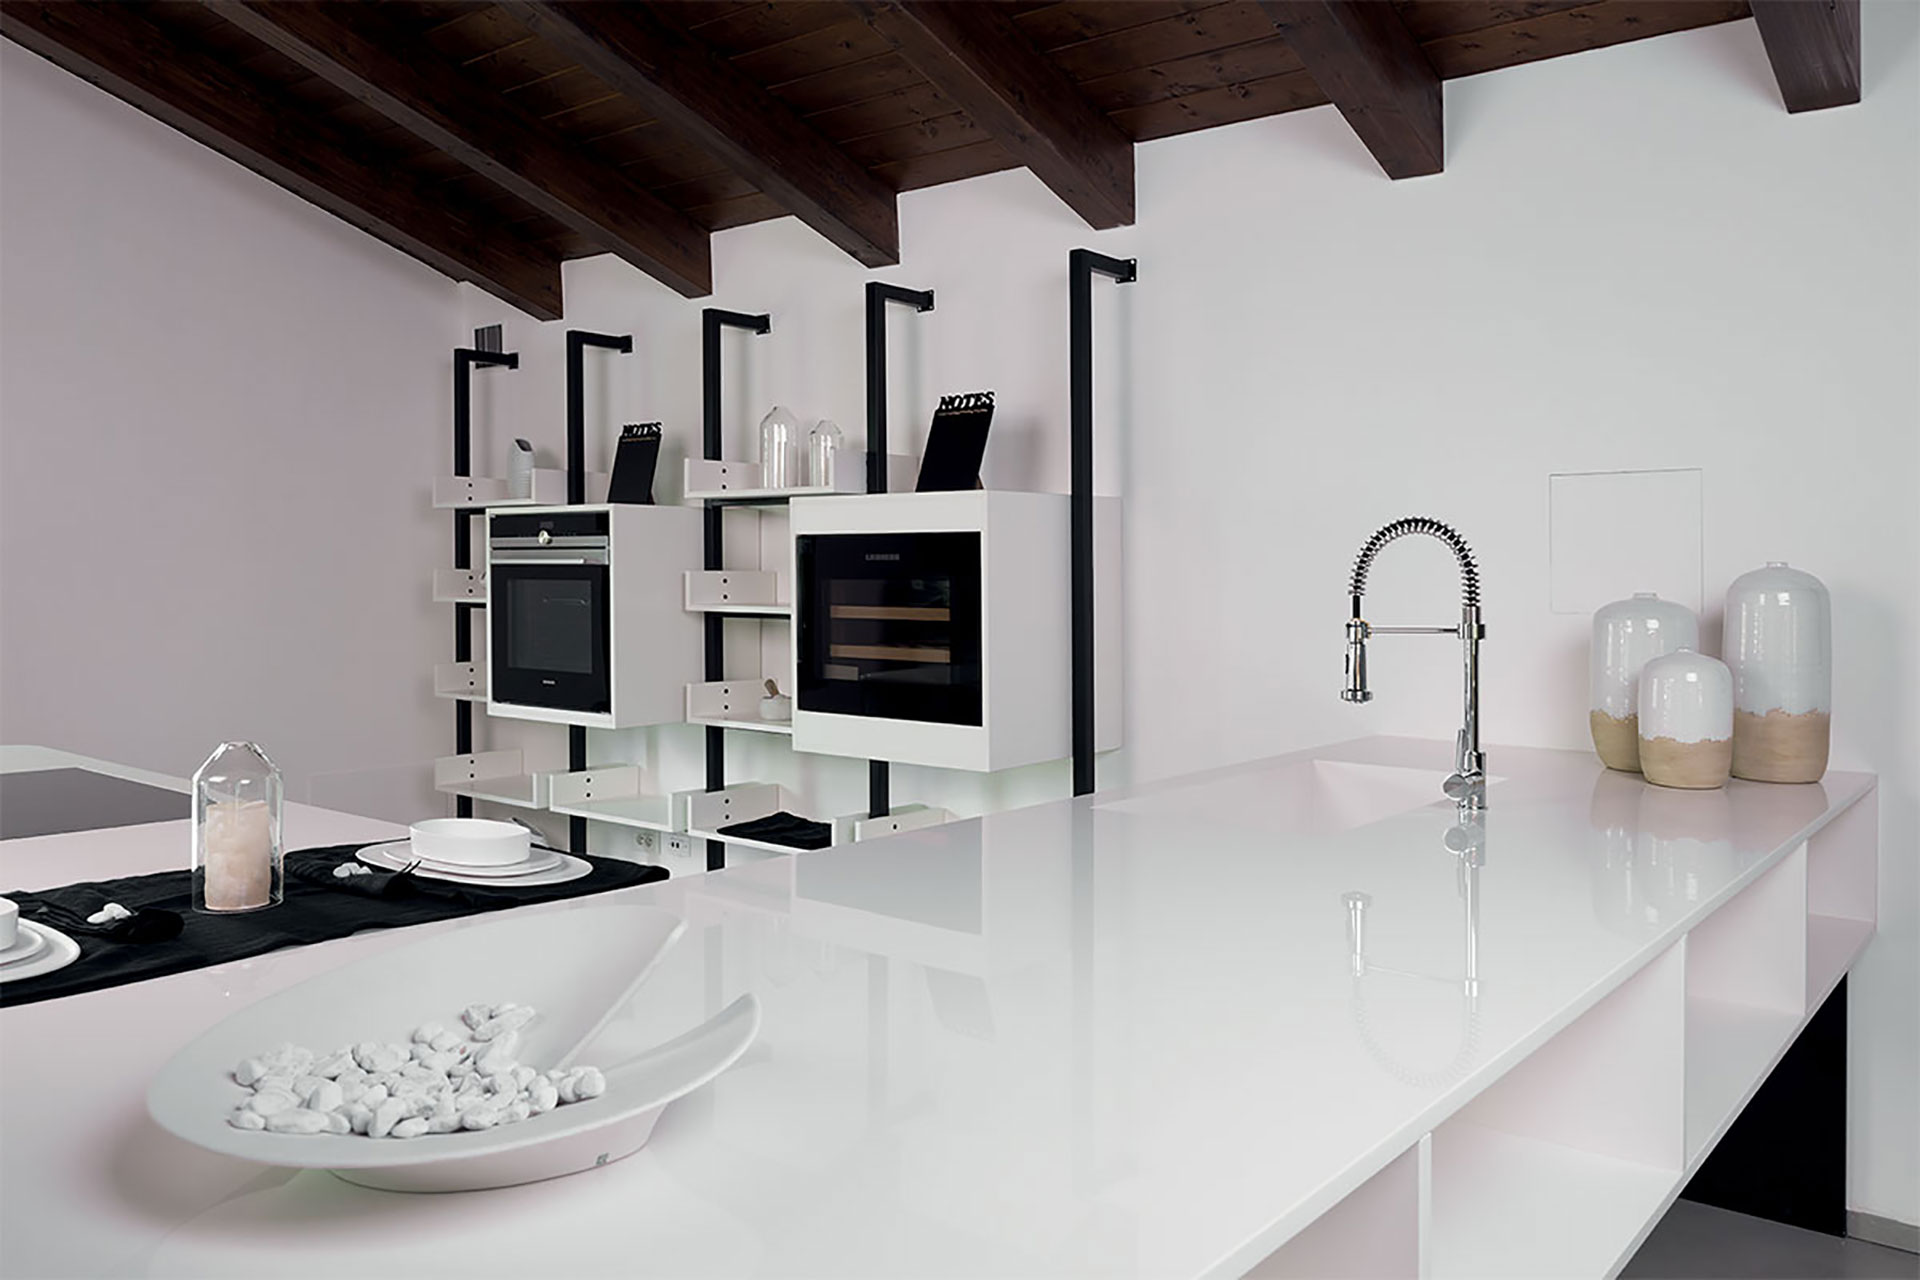 Encimeras de cocina SapienStone: la superficie de trabajo ideal para casas y restaurantes